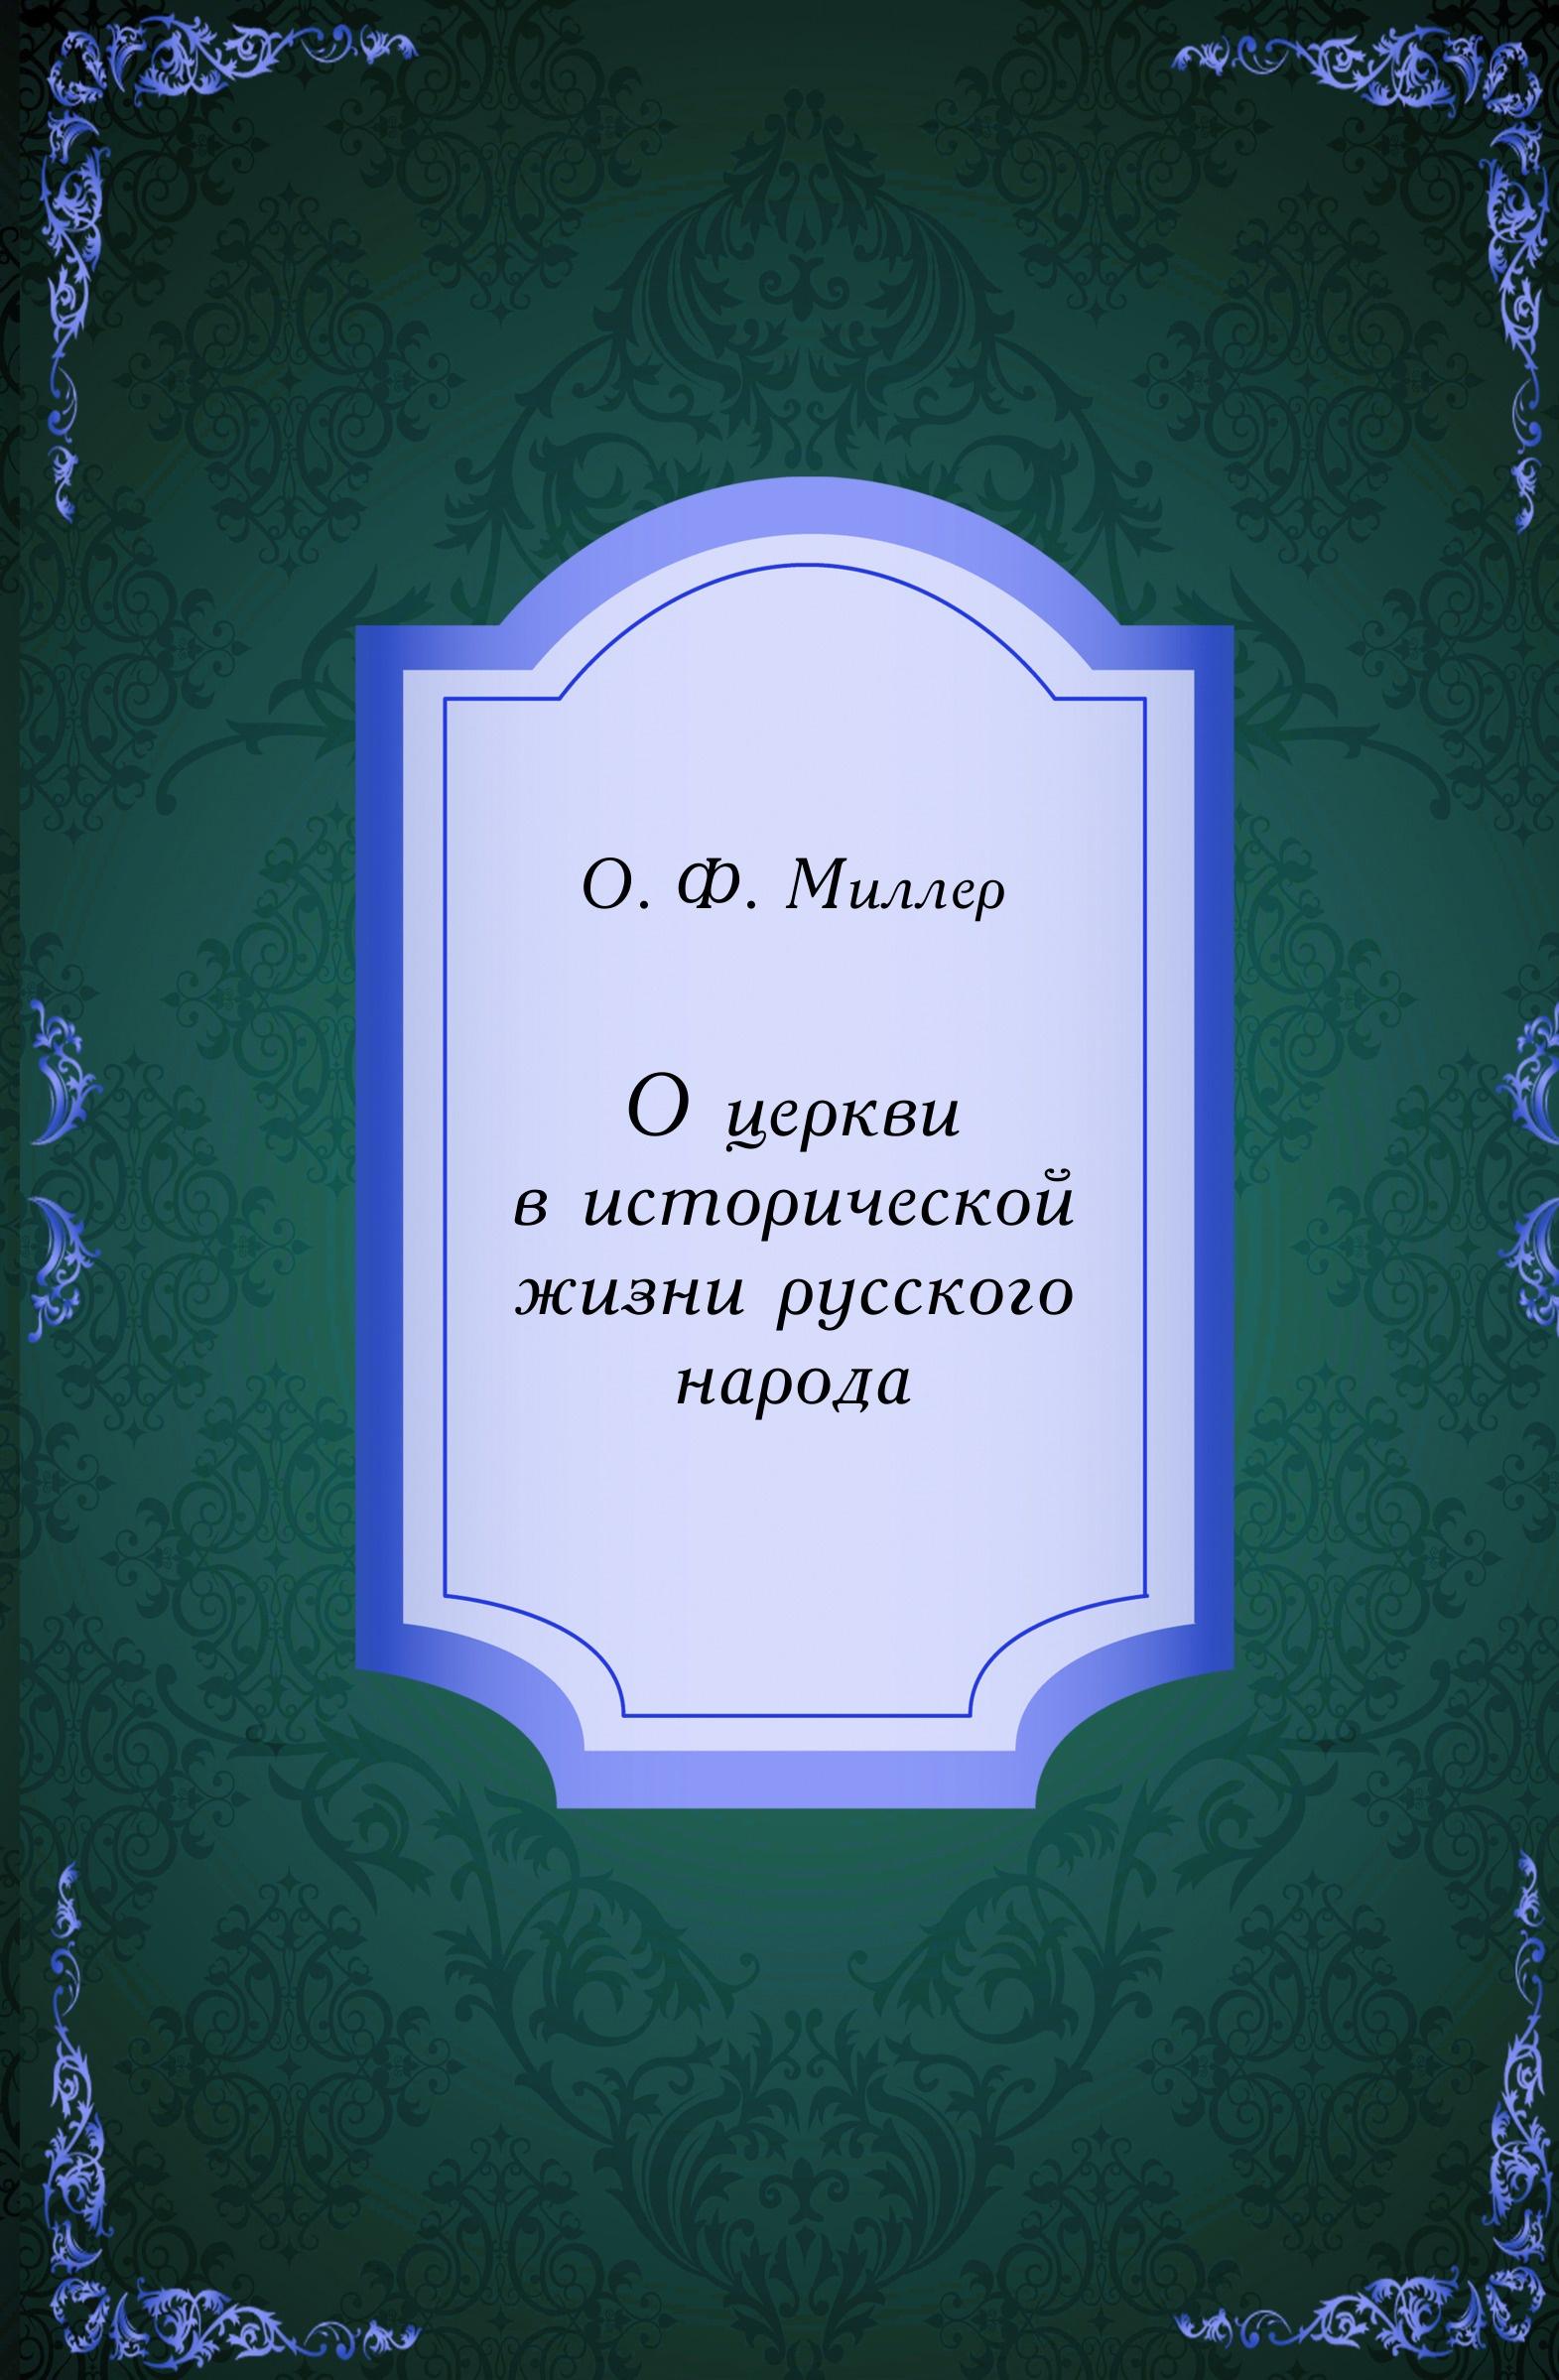 О.Ф. Миллер О церкви в исторической жизни русского народа миллер г книги в моей жизни